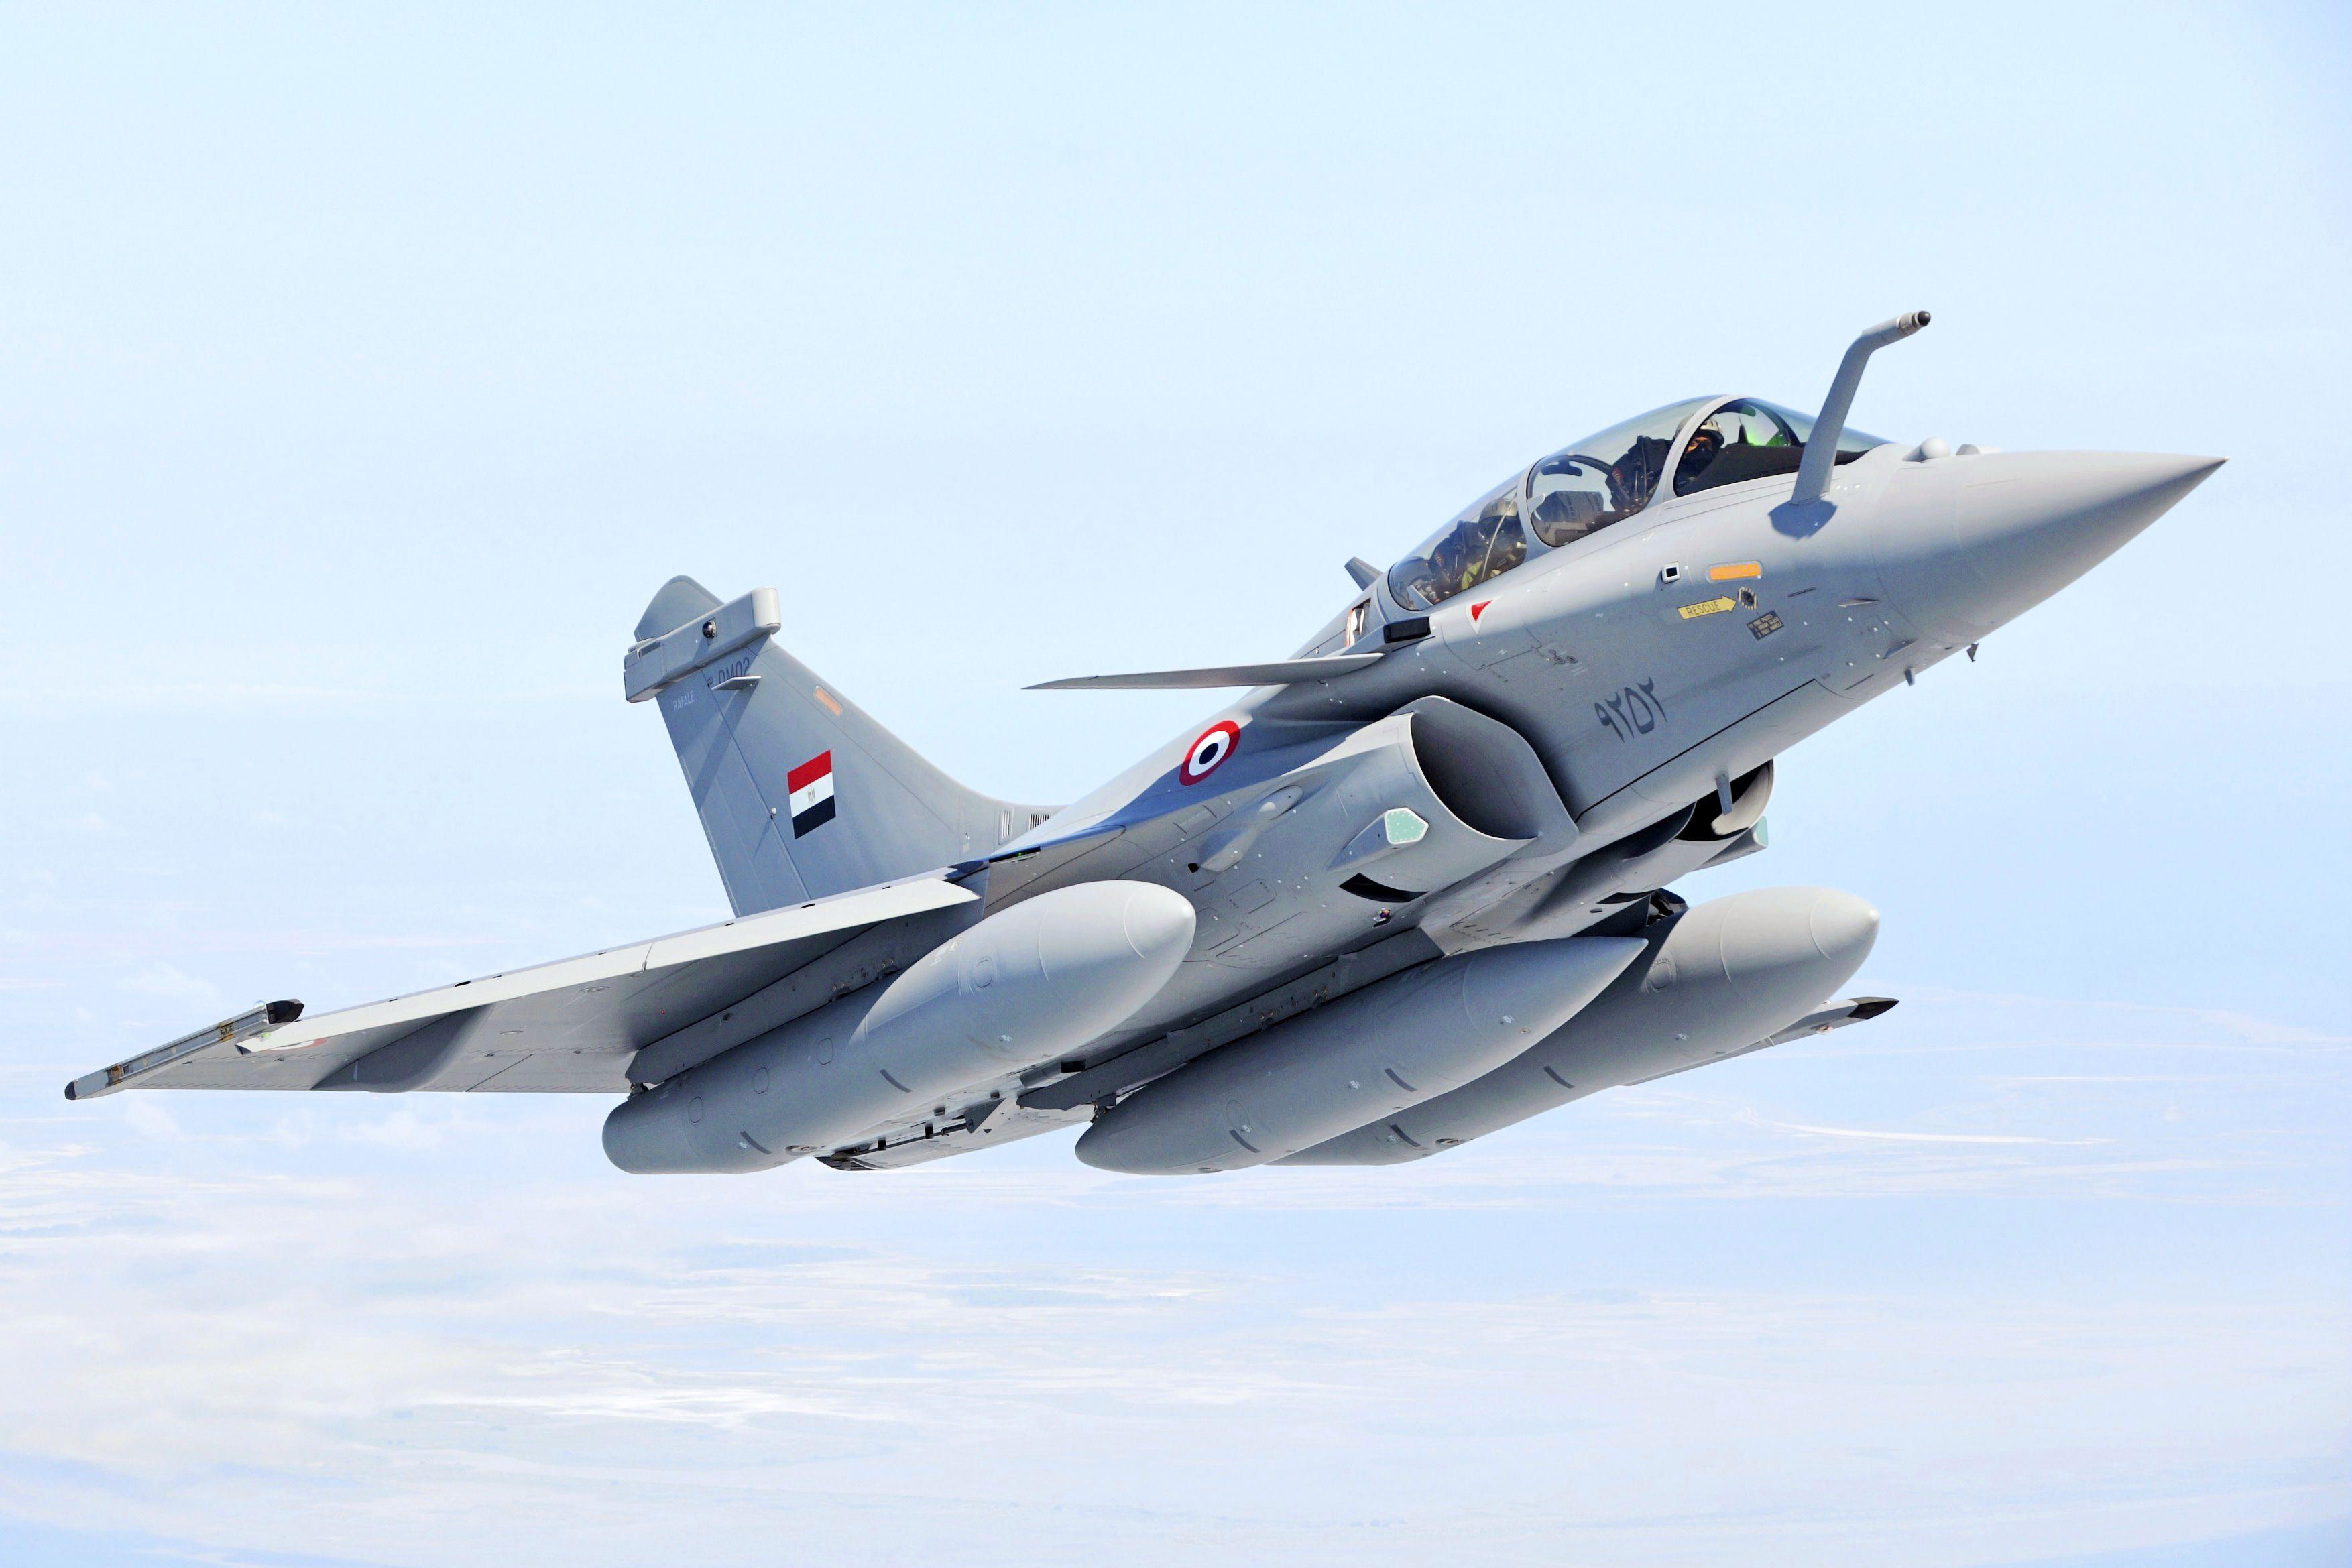 Dassault próxima de confirmar pedido adicional de 12 caças